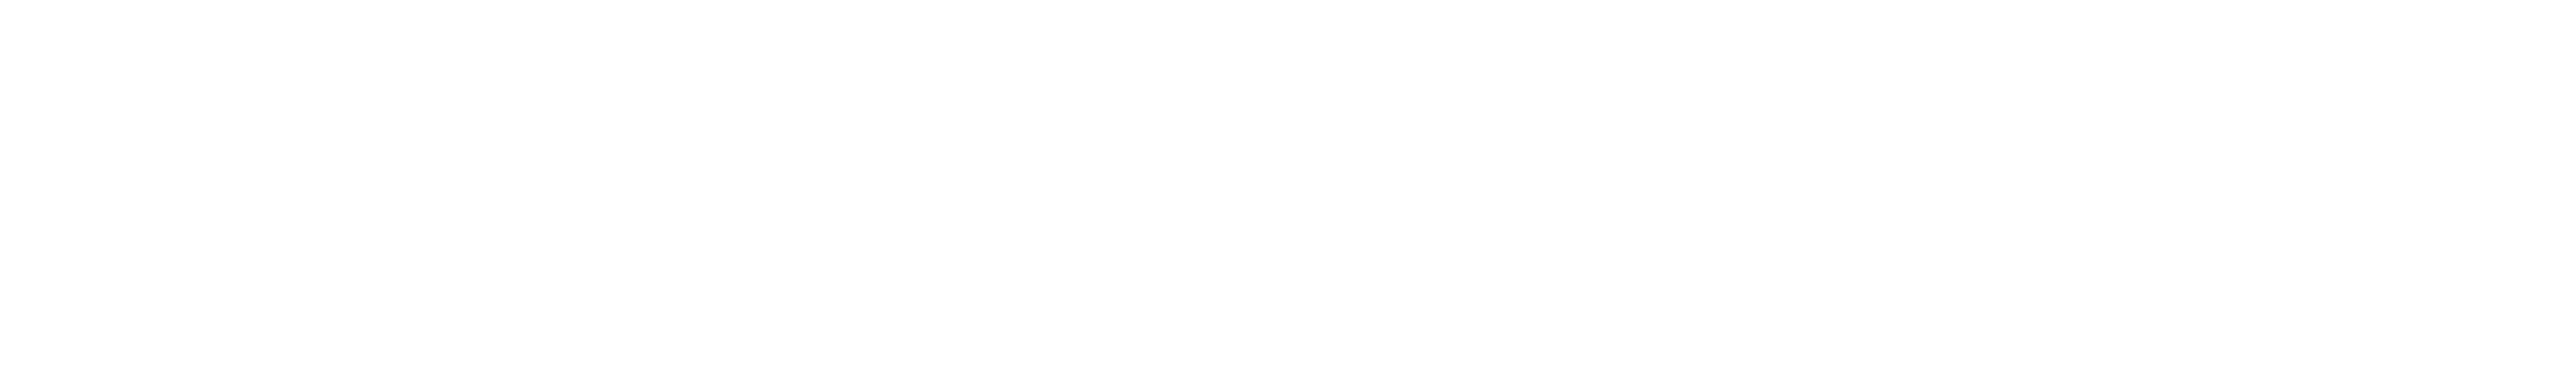 RENOME-SMART